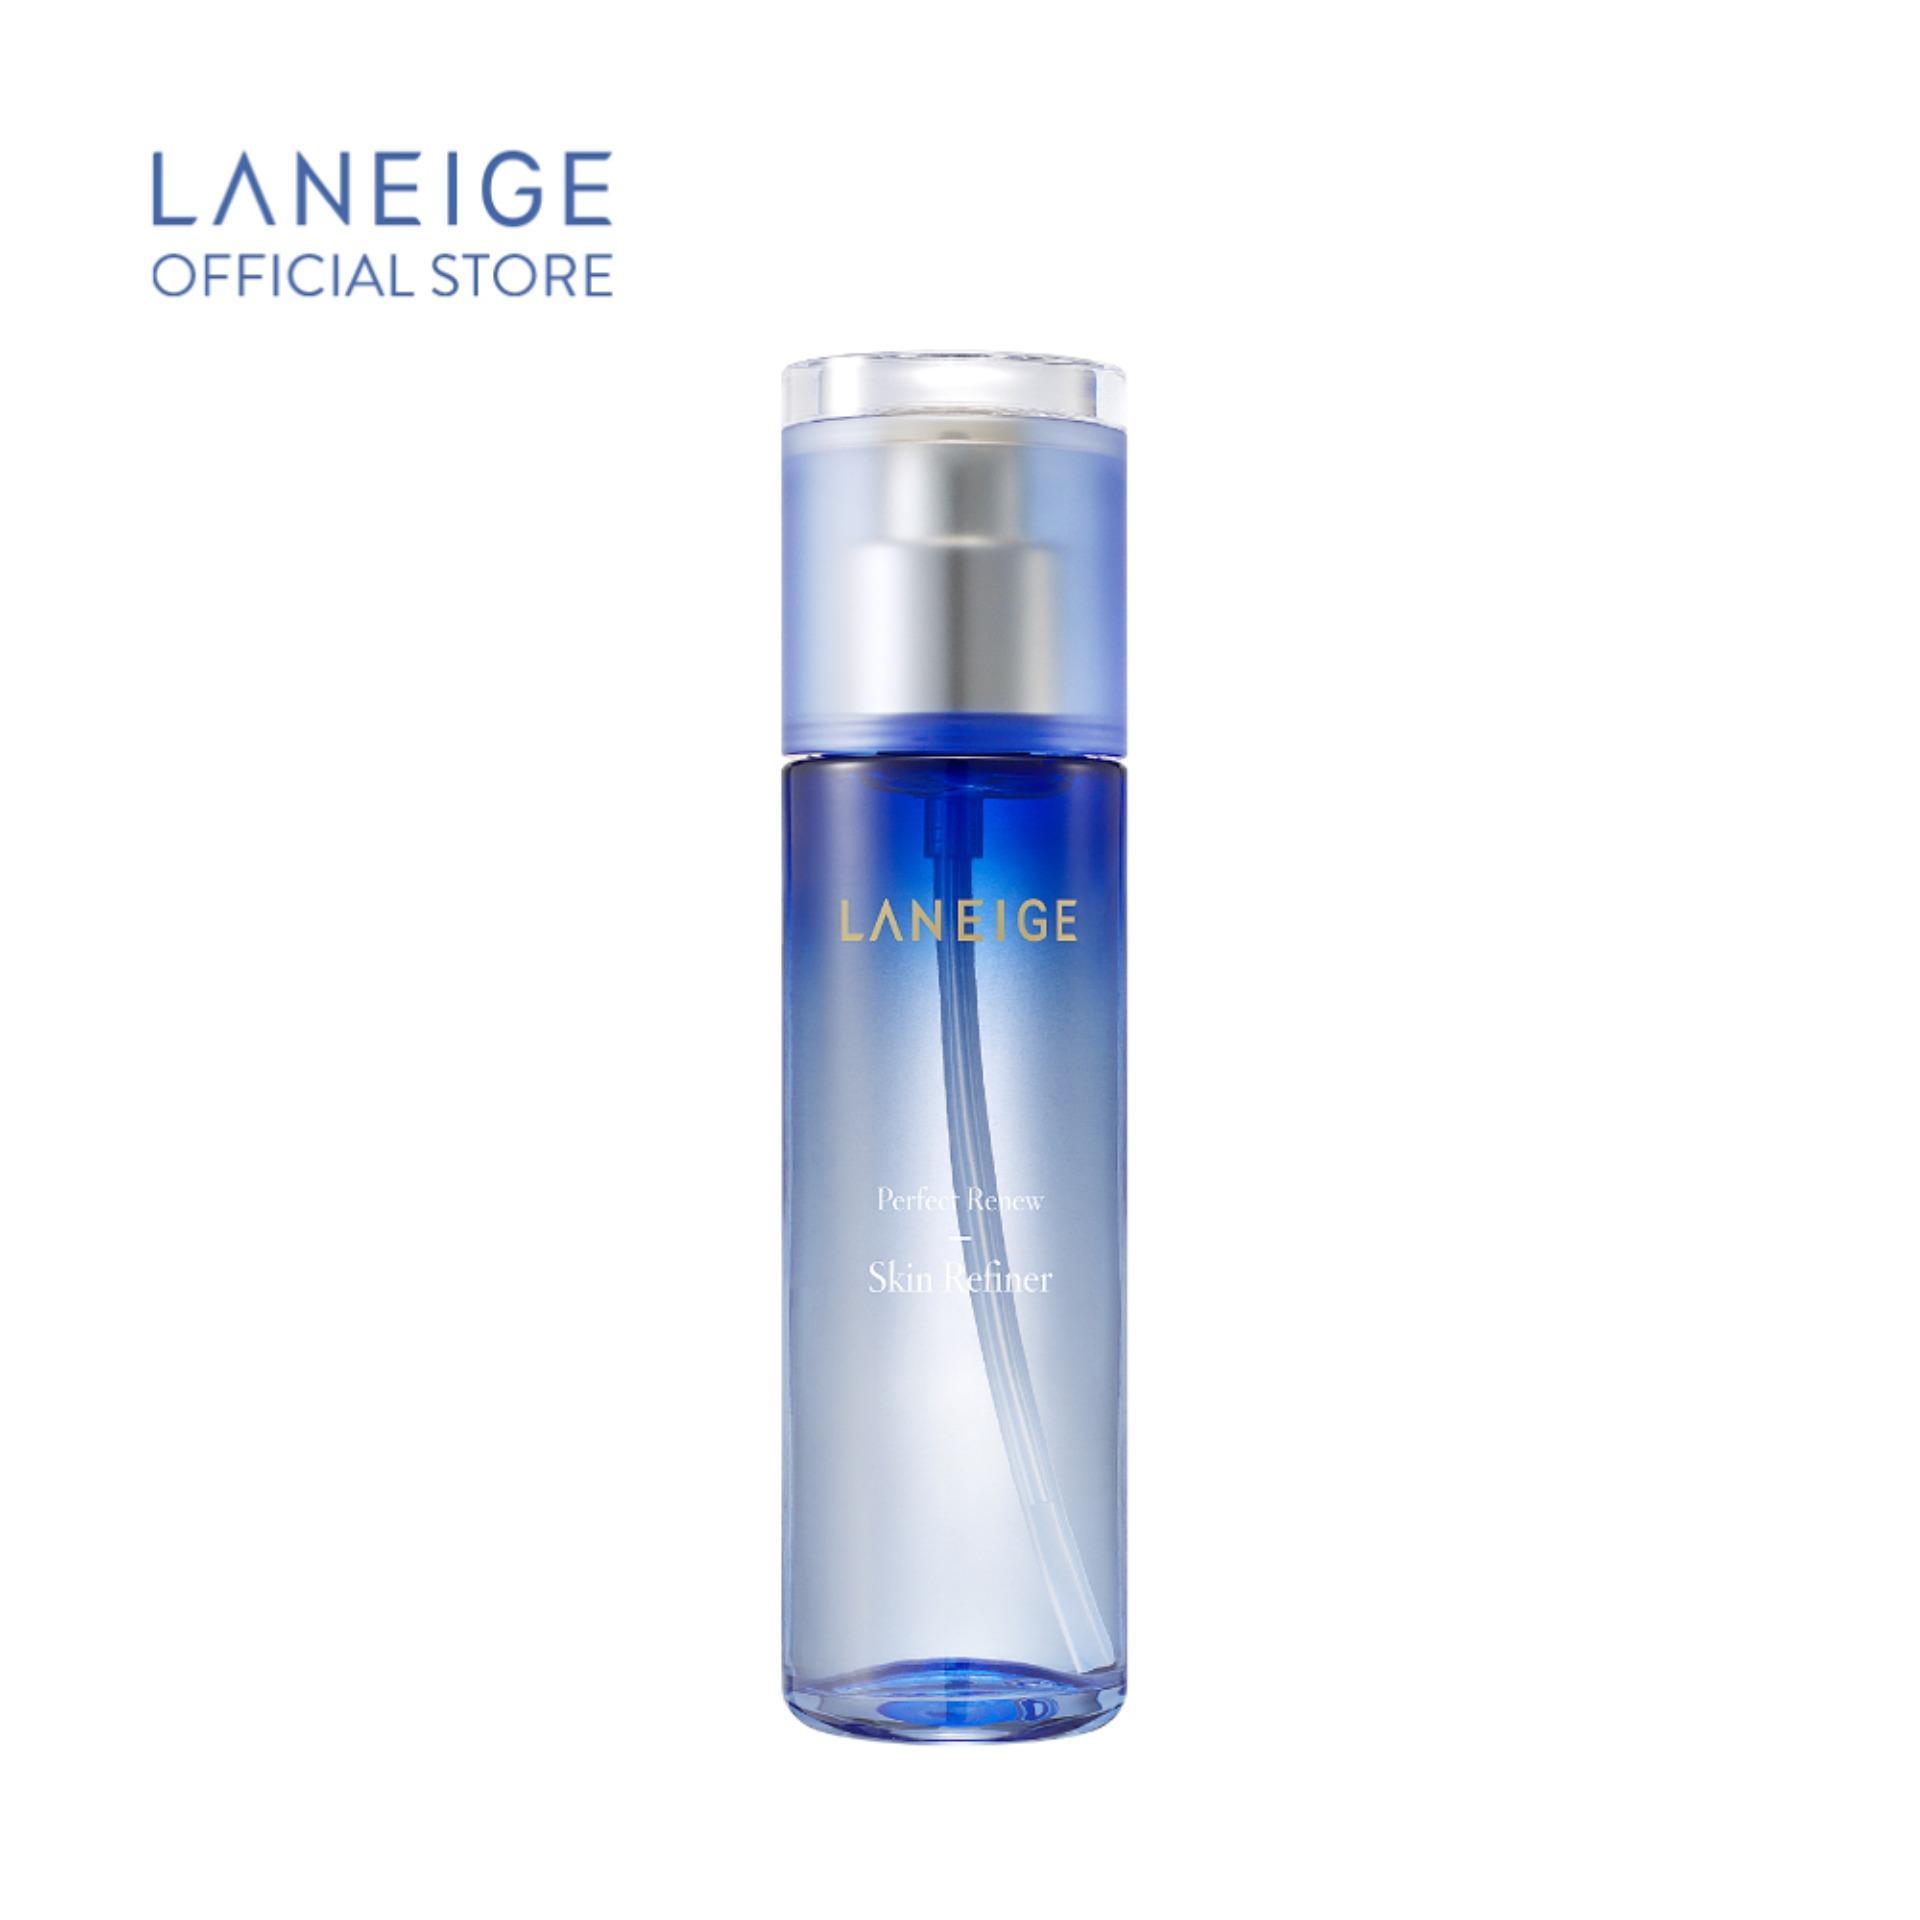 Nước cân bằng ngăn ngừa lão hoá da Laneige Perfect Renew Skin Refiner 120ml tốt nhất